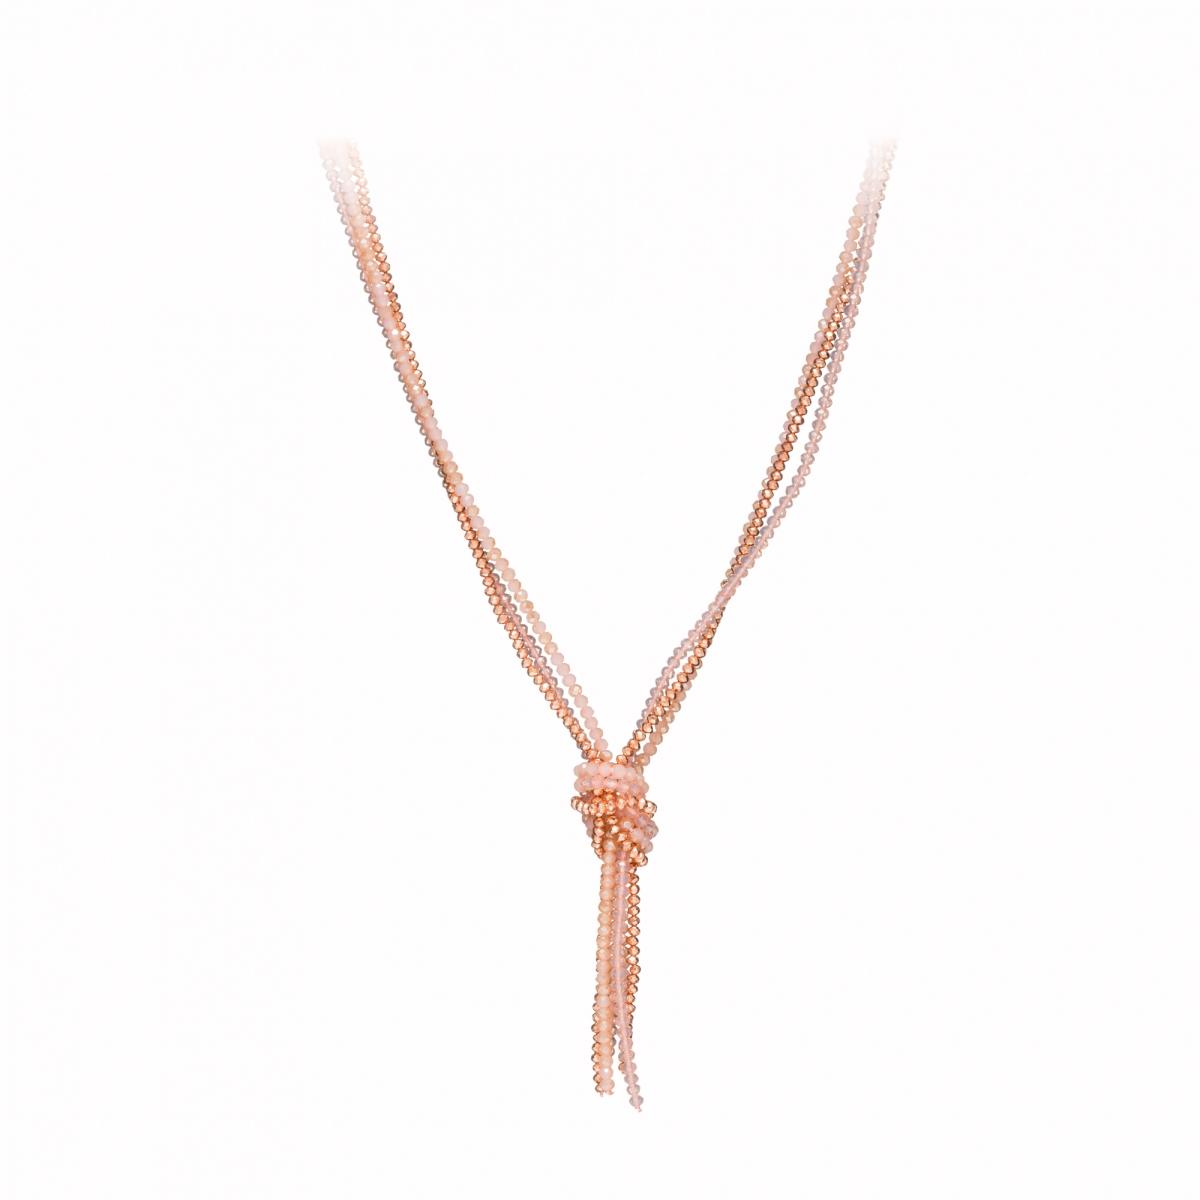 Náhrdelník Knot Pink Rose Gold Crystal Beads